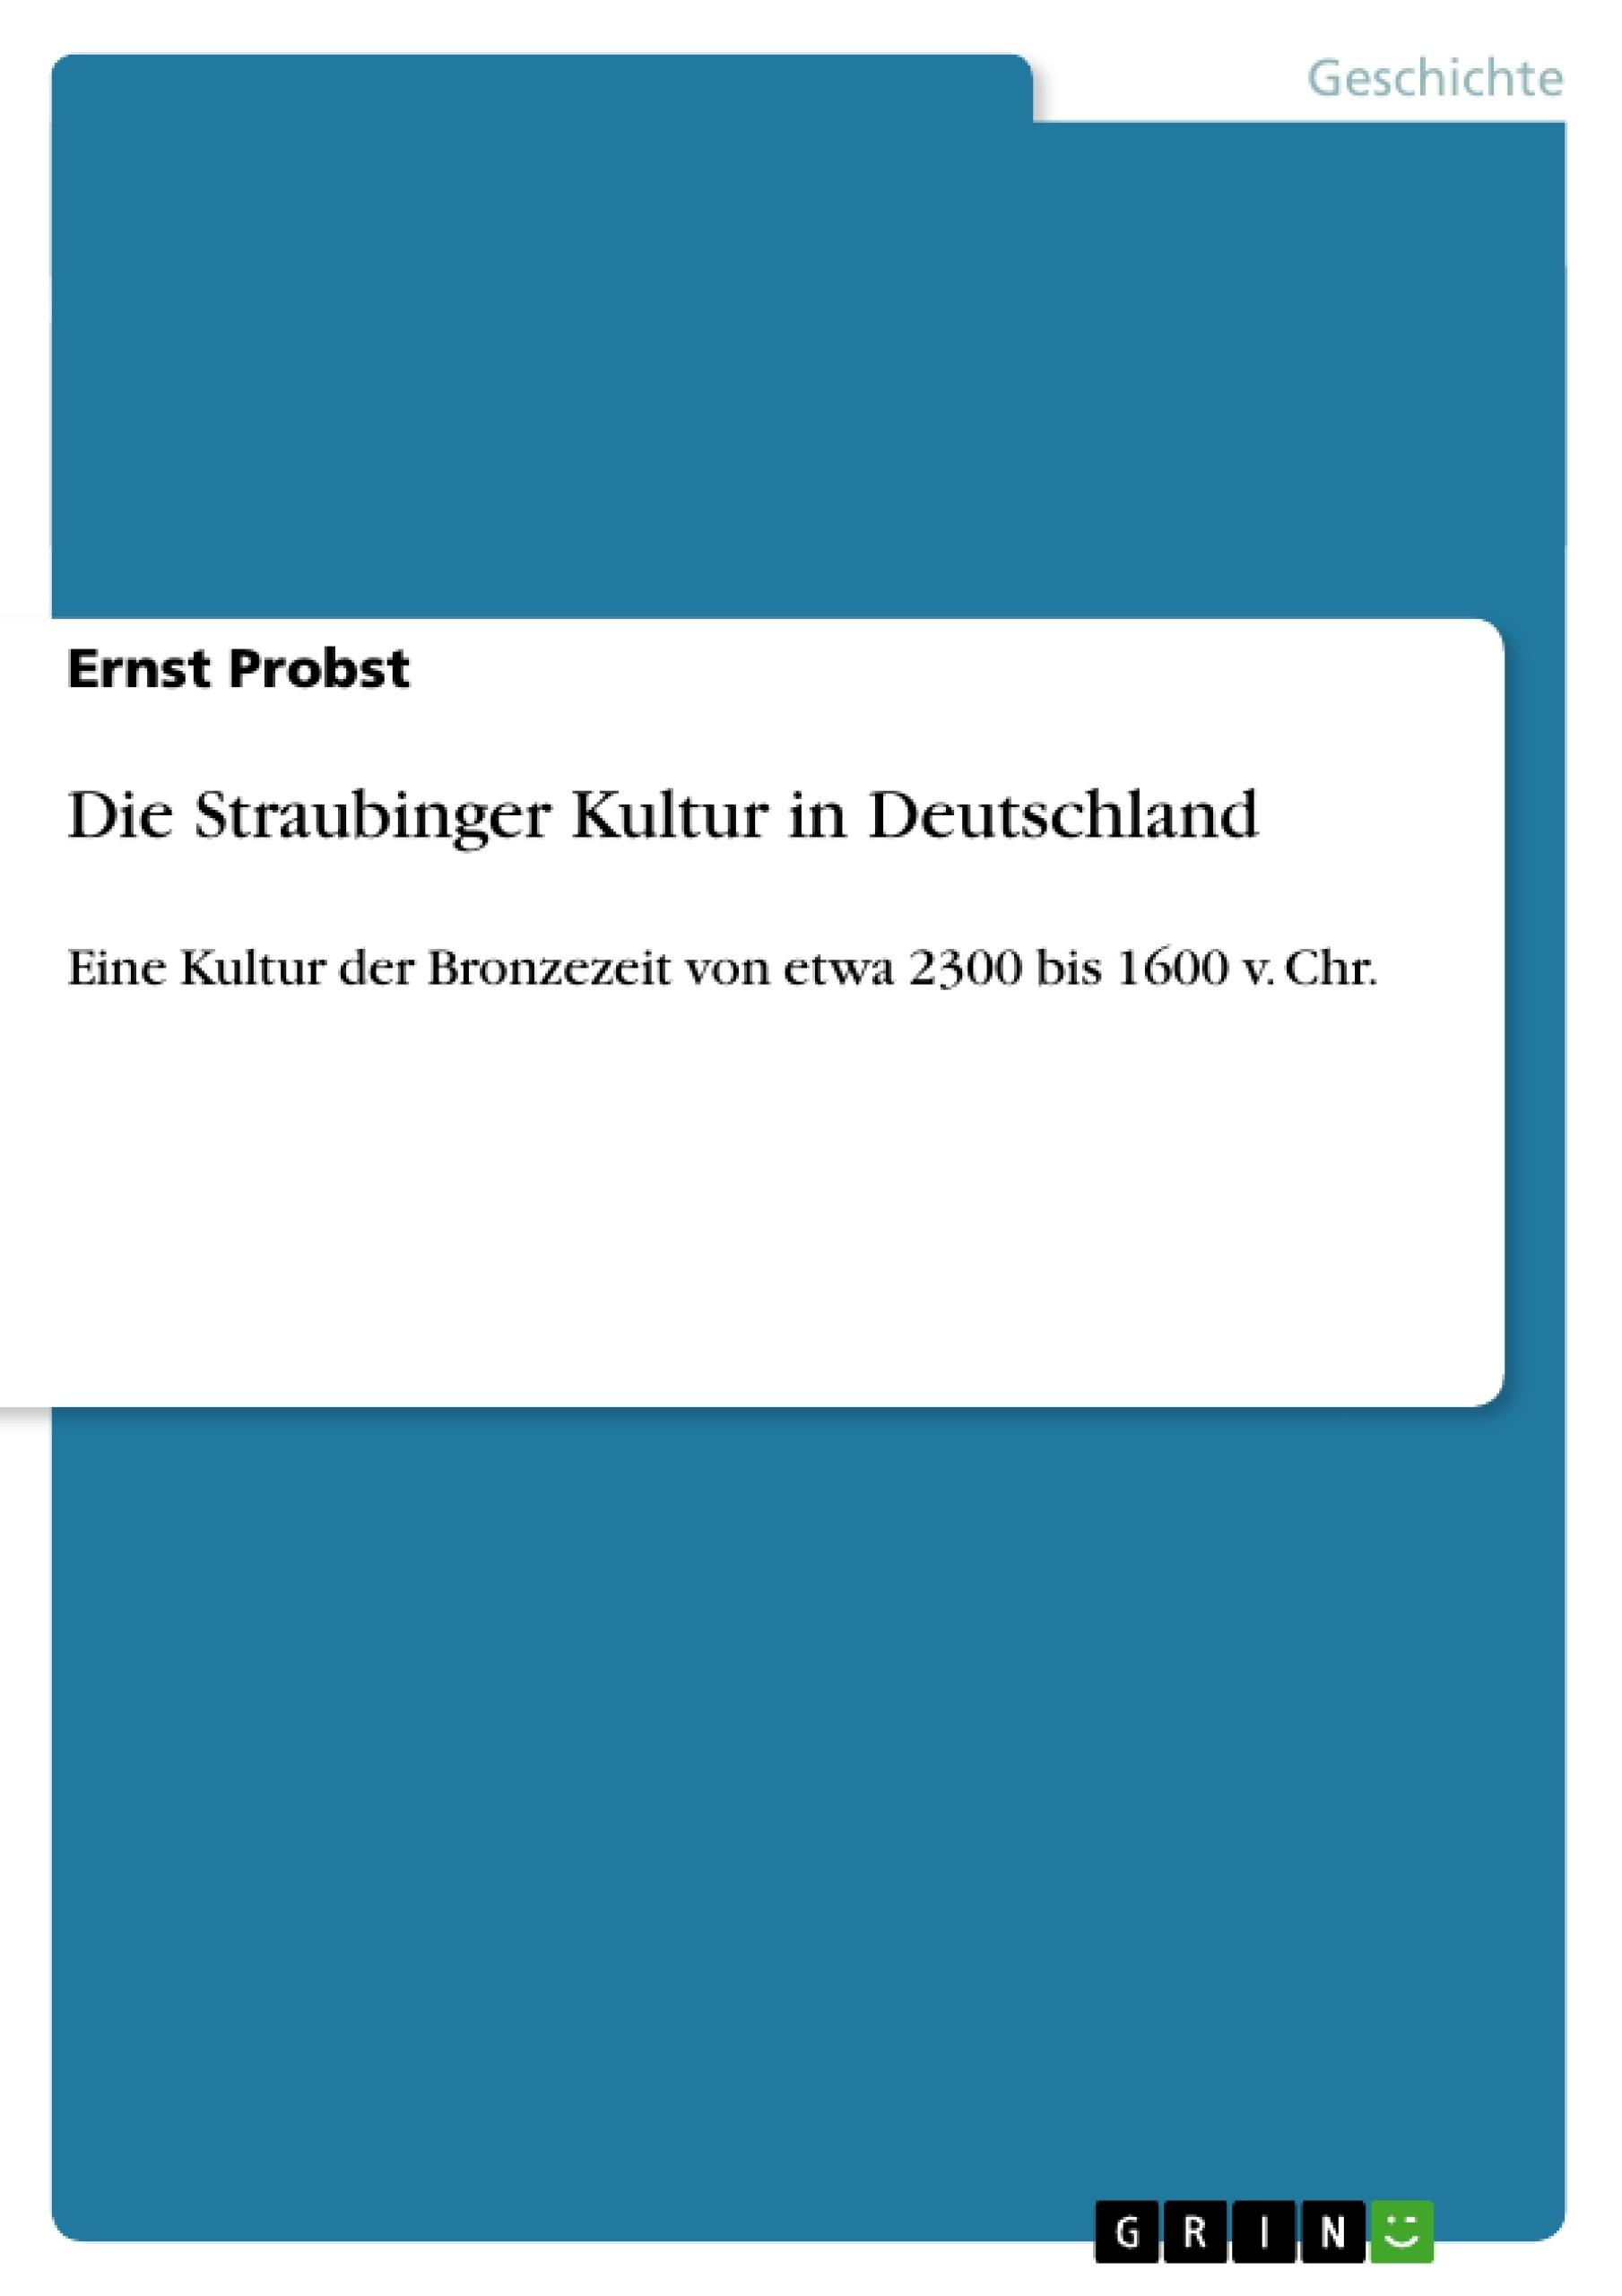 Titel: Die Straubinger Kultur in Deutschland